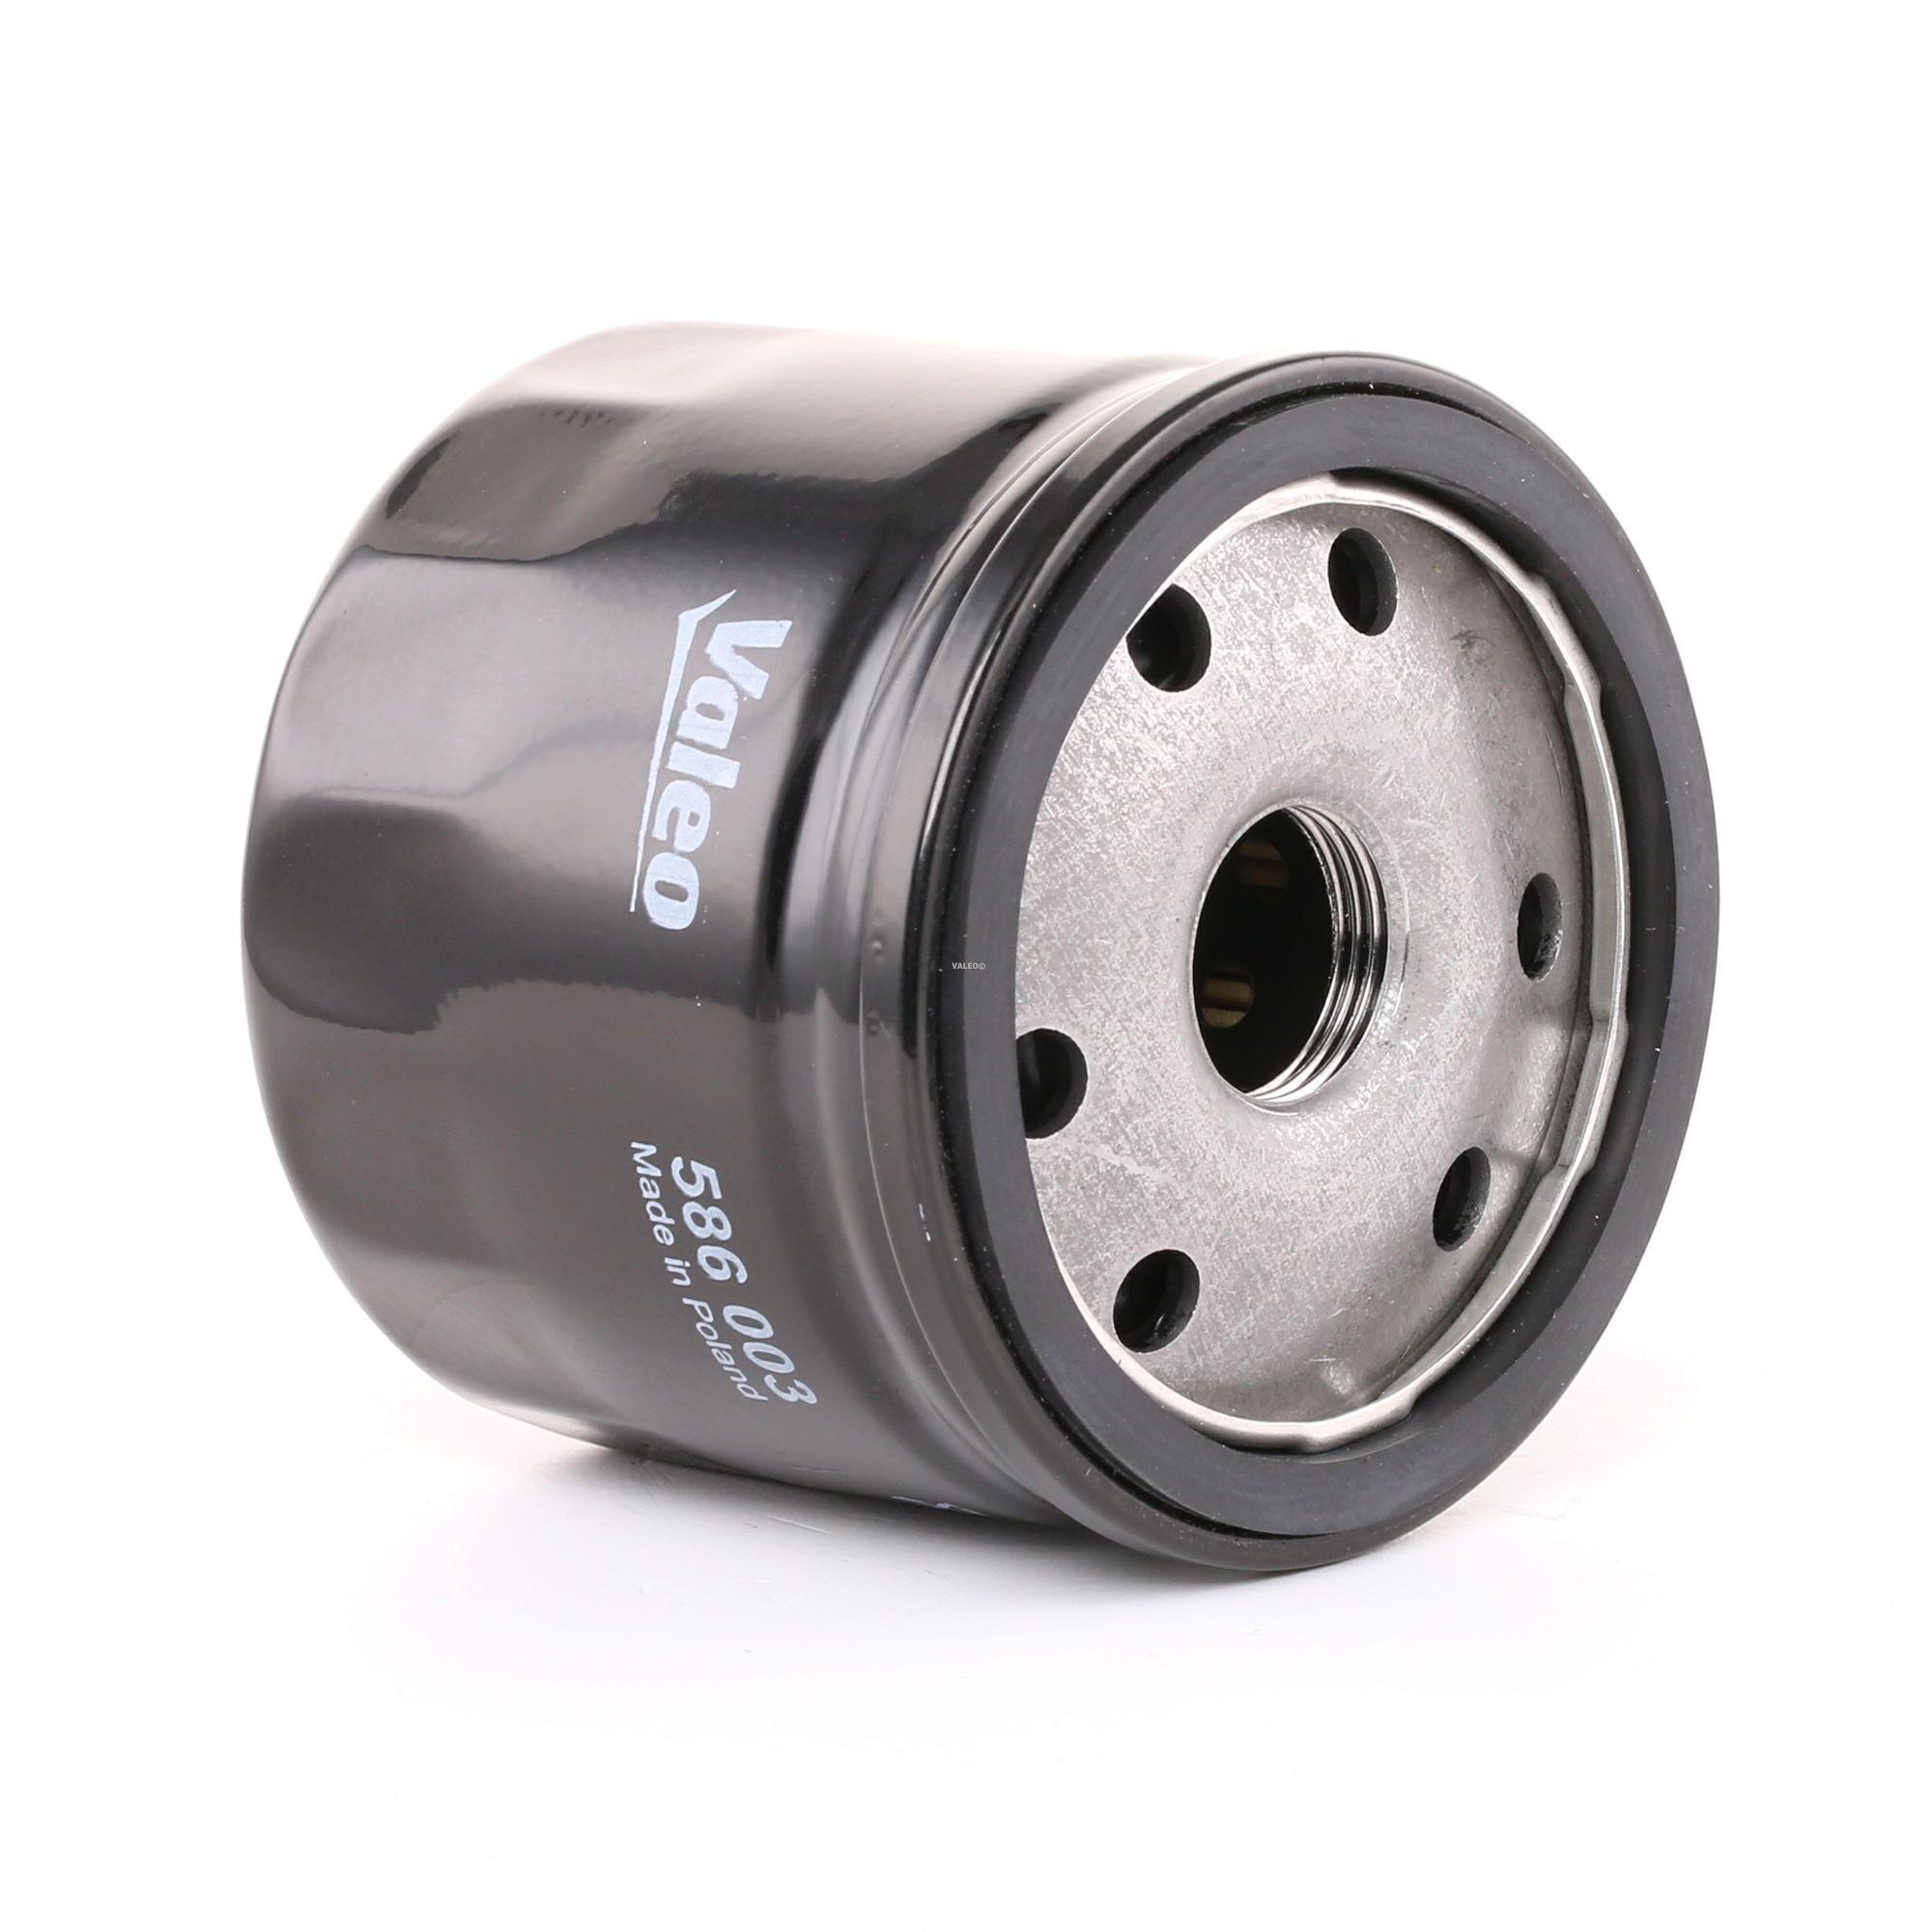 VALEO 586003 (Diamètre intérieur 2: 71mm, Diamètre intérieur 2: 62mm, Ø: 80mm, Hauteur: 64mm) : Filtre à huile Renault Kangoo kc01 2016